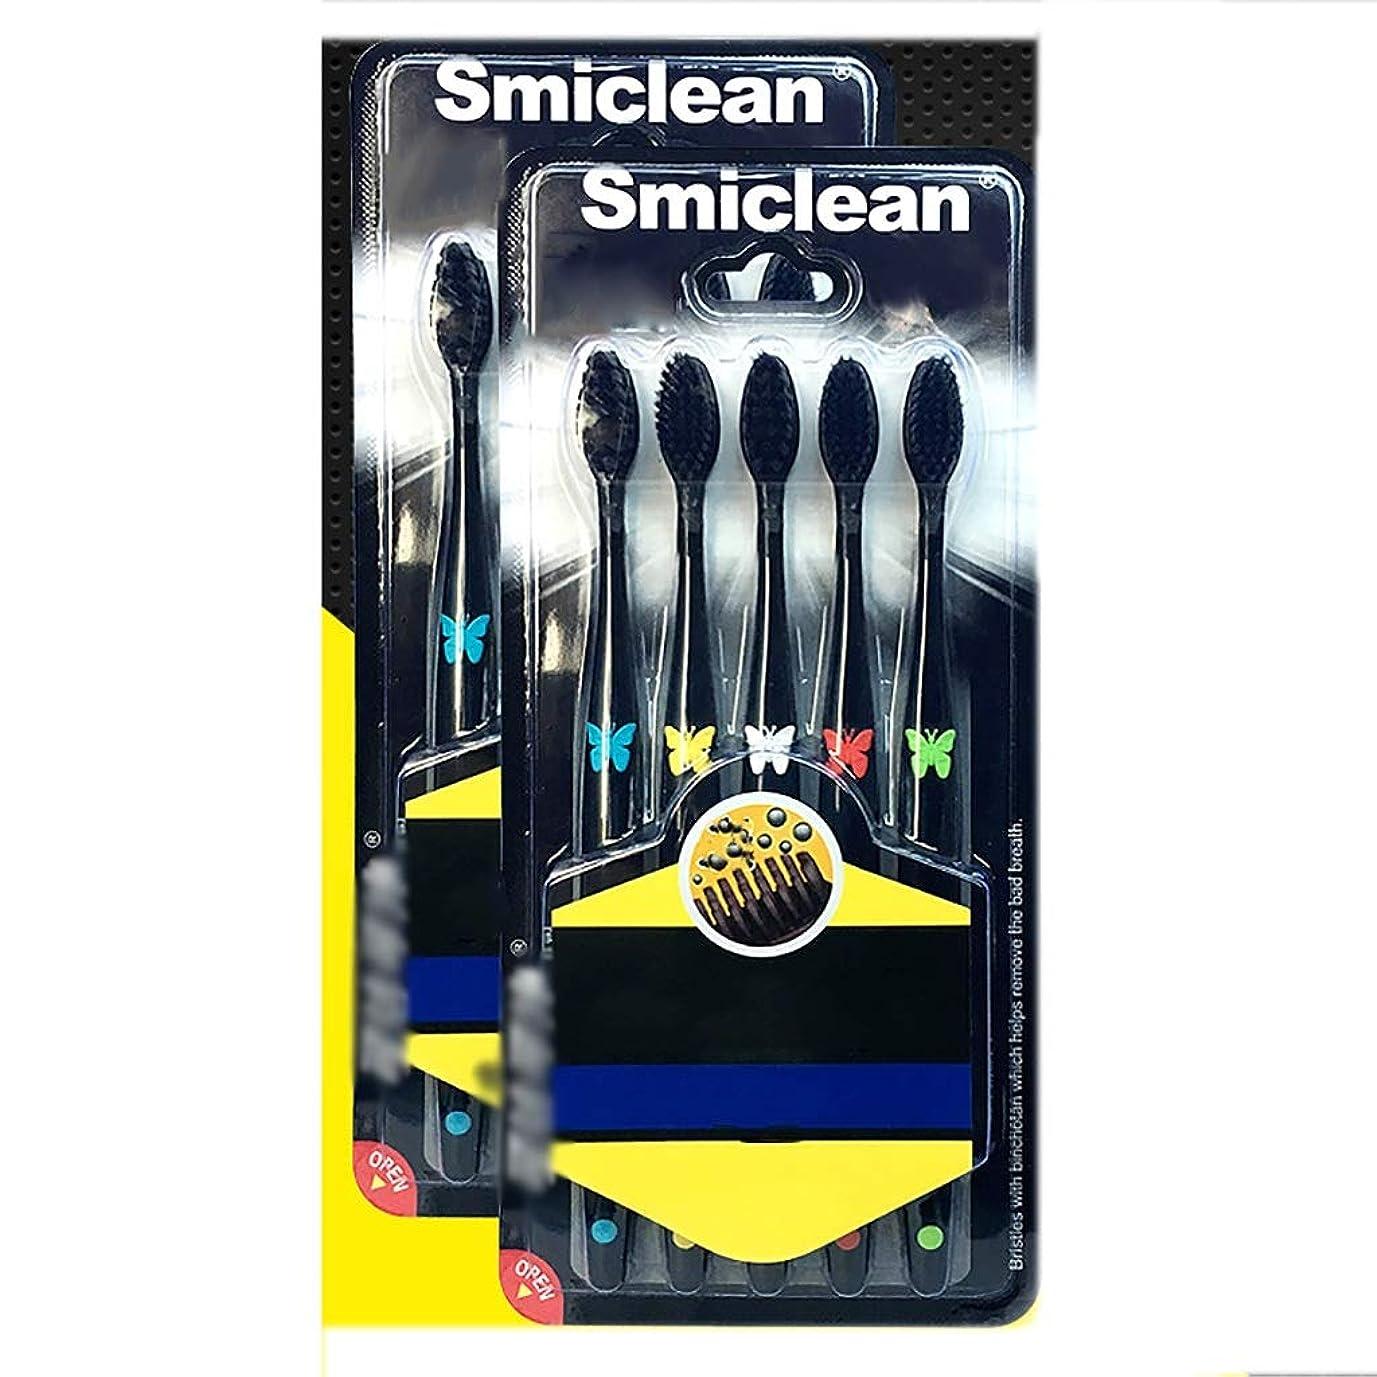 キリン影響するやけど柔らかく、小さいヘッド歯ブラシ、大人のタケ木炭旅行家10の棒